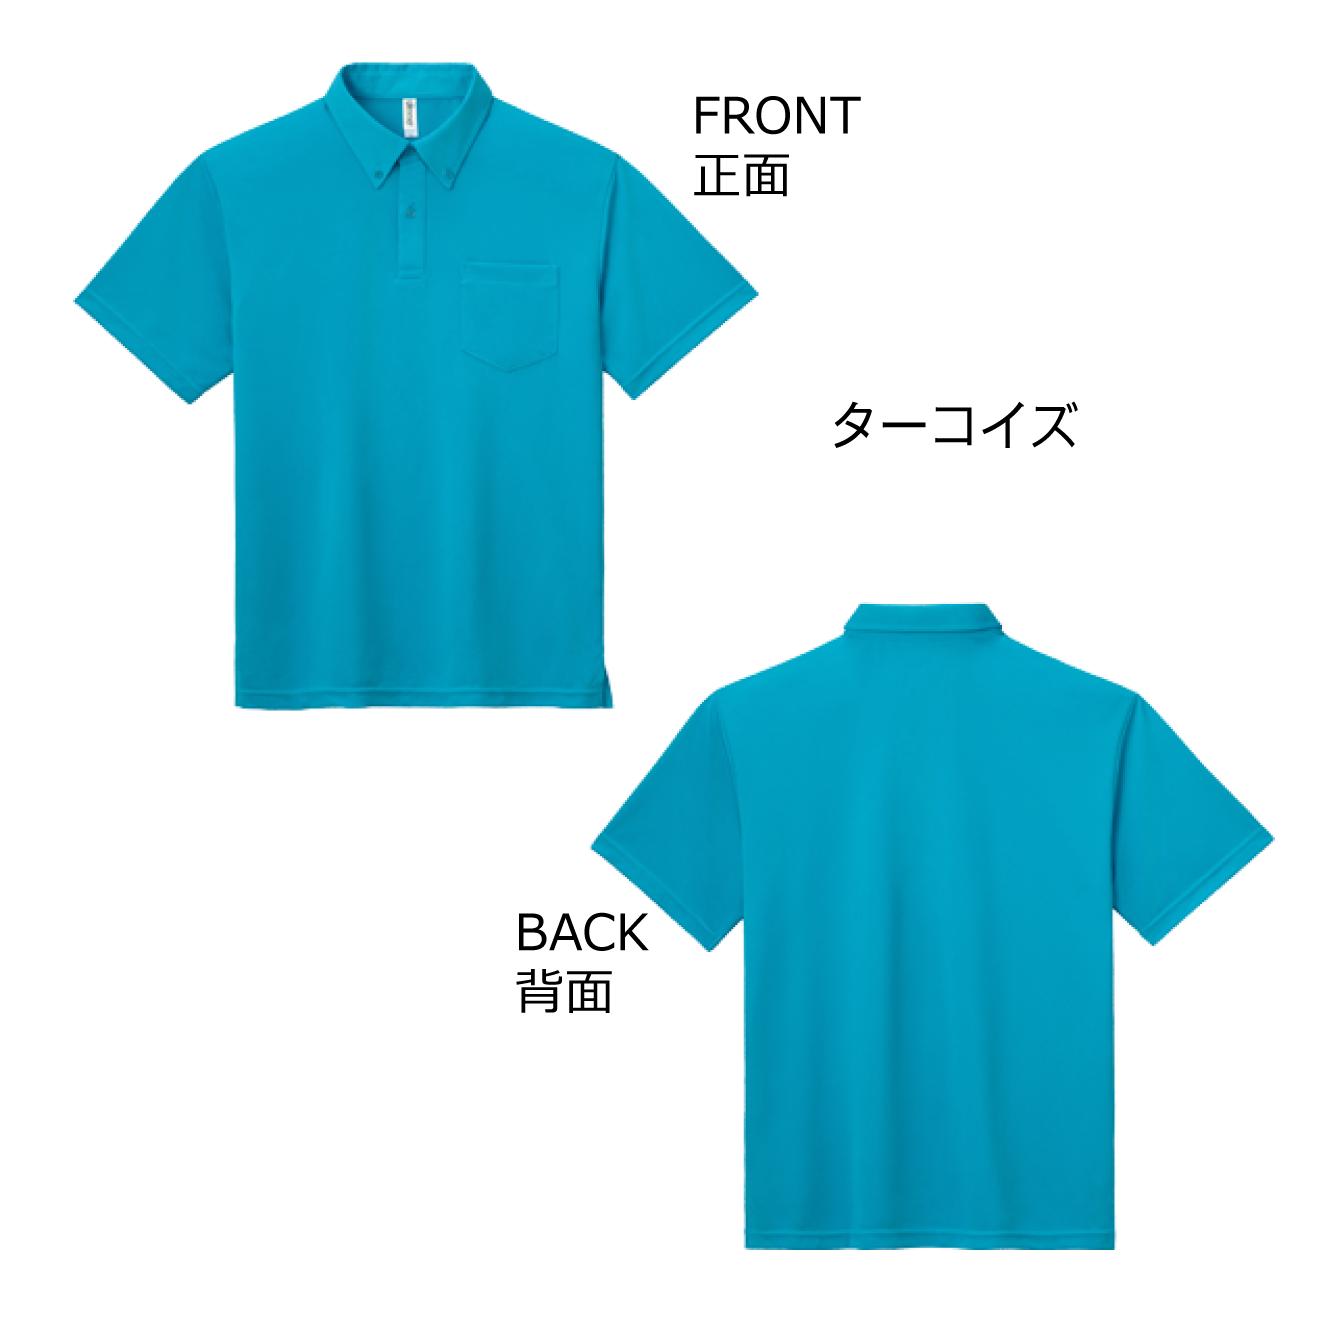 オリジナルプリント 2200プリントドライポロシャツ ポケット付き ターコイズ